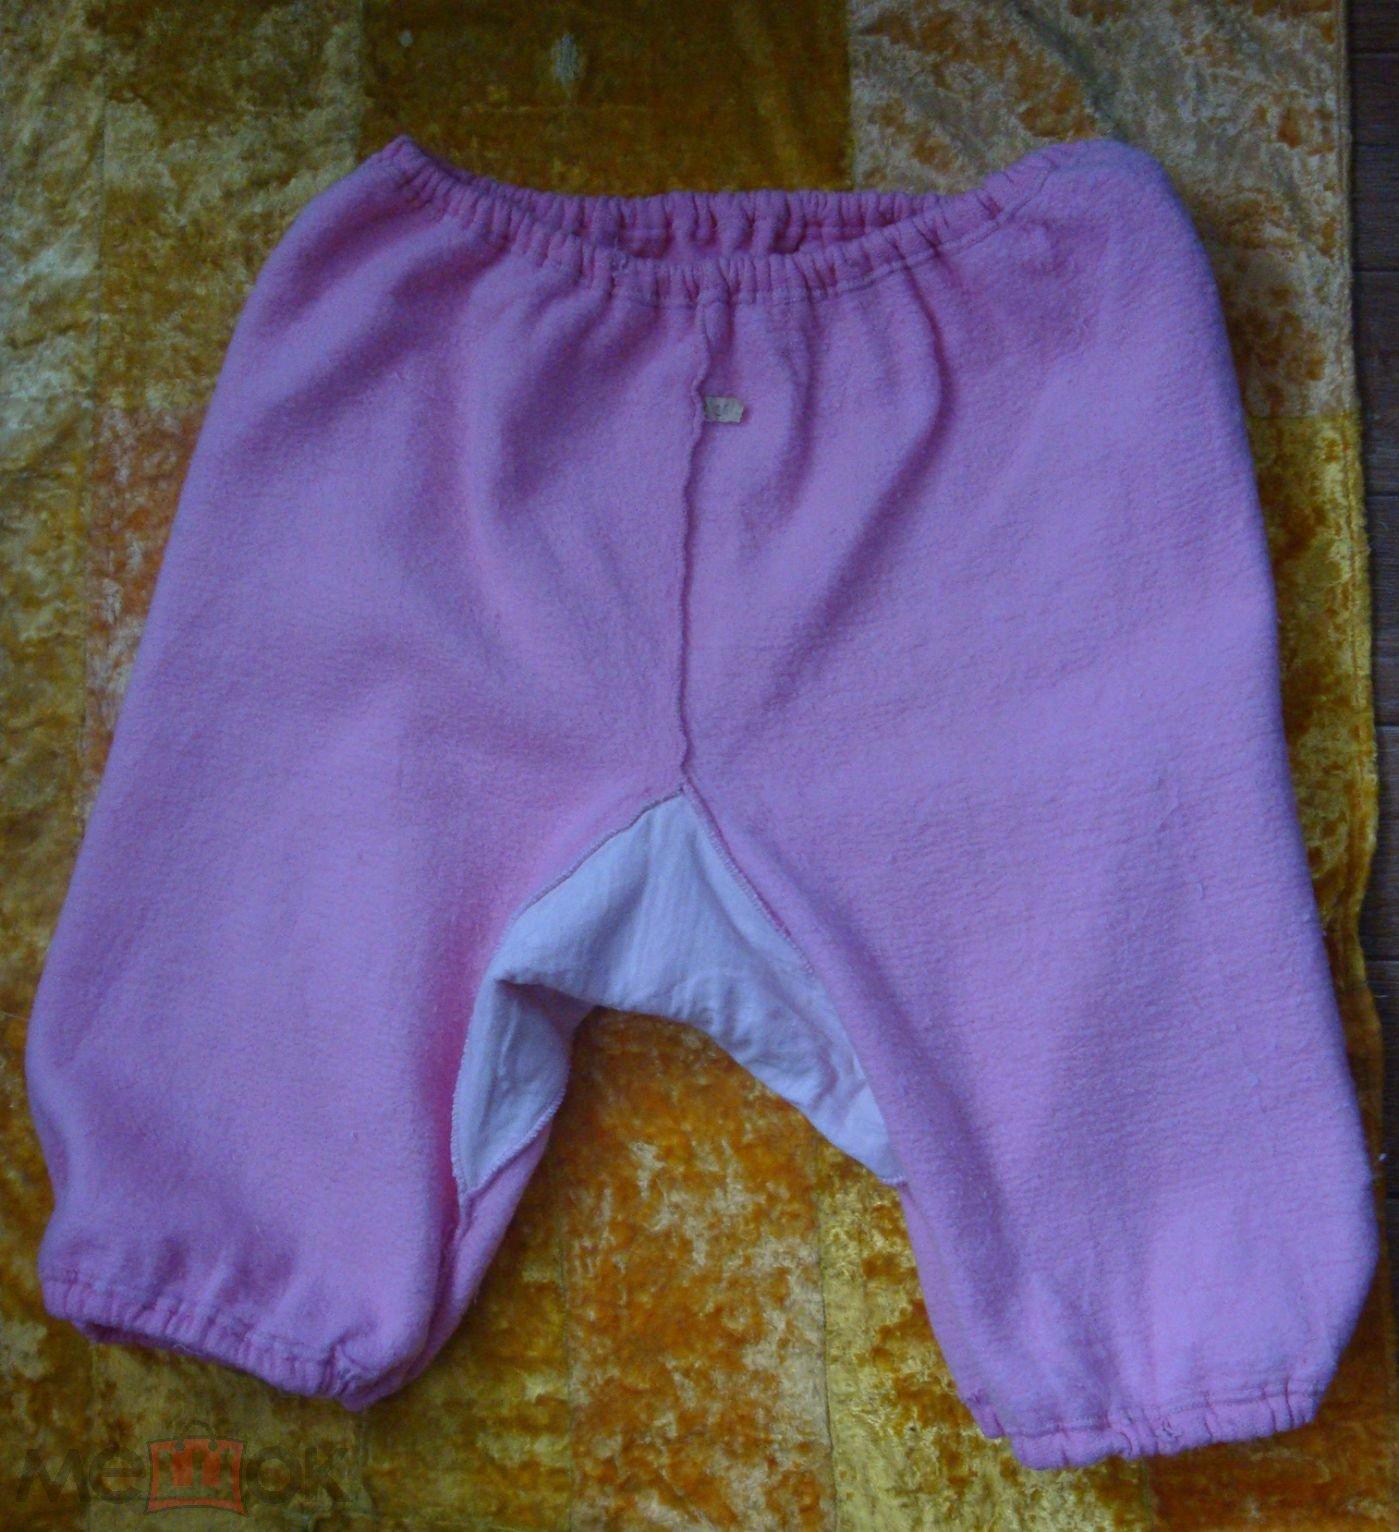 Прикольные картинки с панталонами, картинки любимой